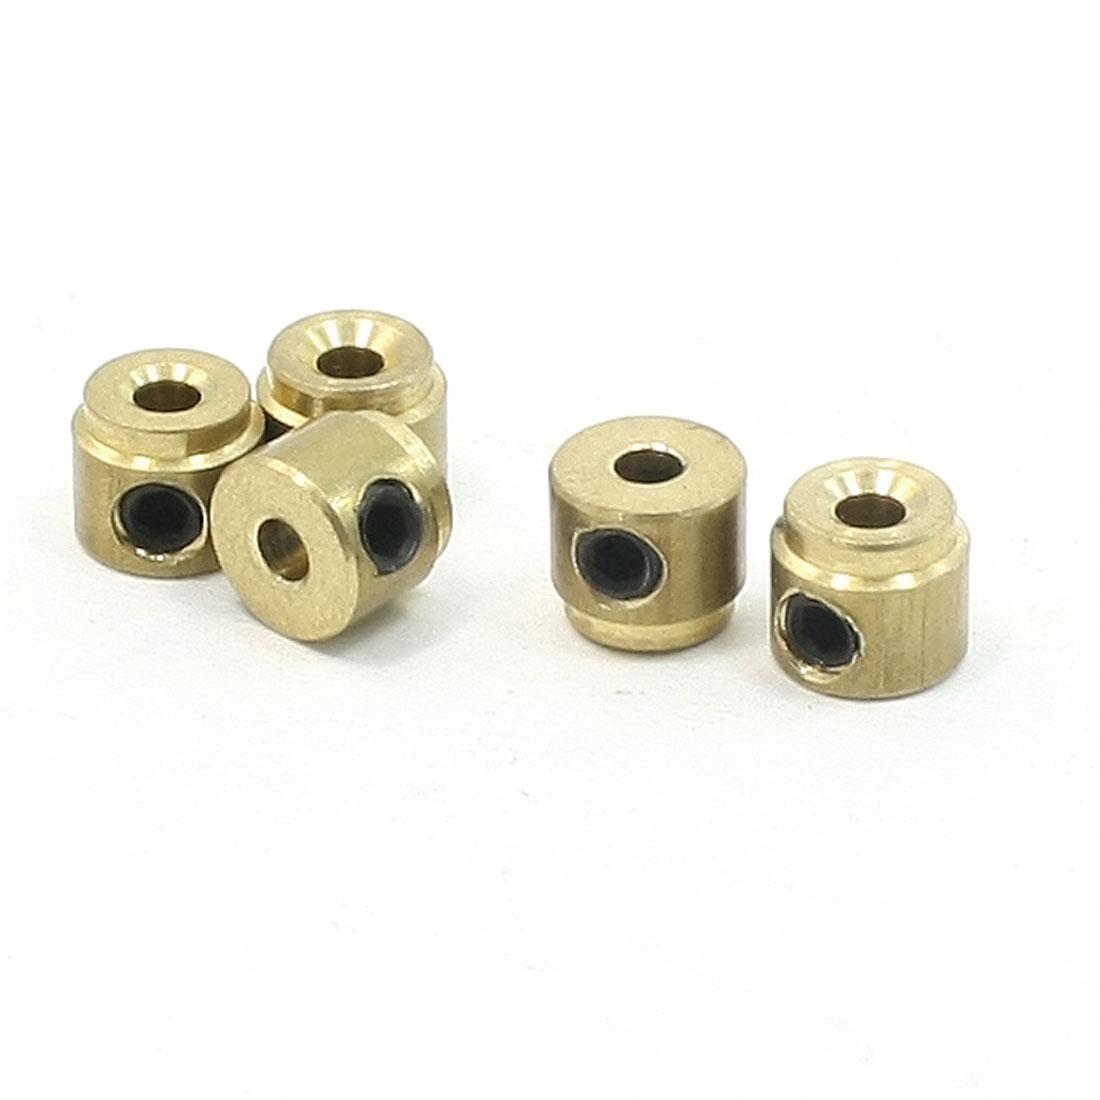 5 Pcs Gold Tone Three Way Holes Dia 2mm RC Plane Block Parts